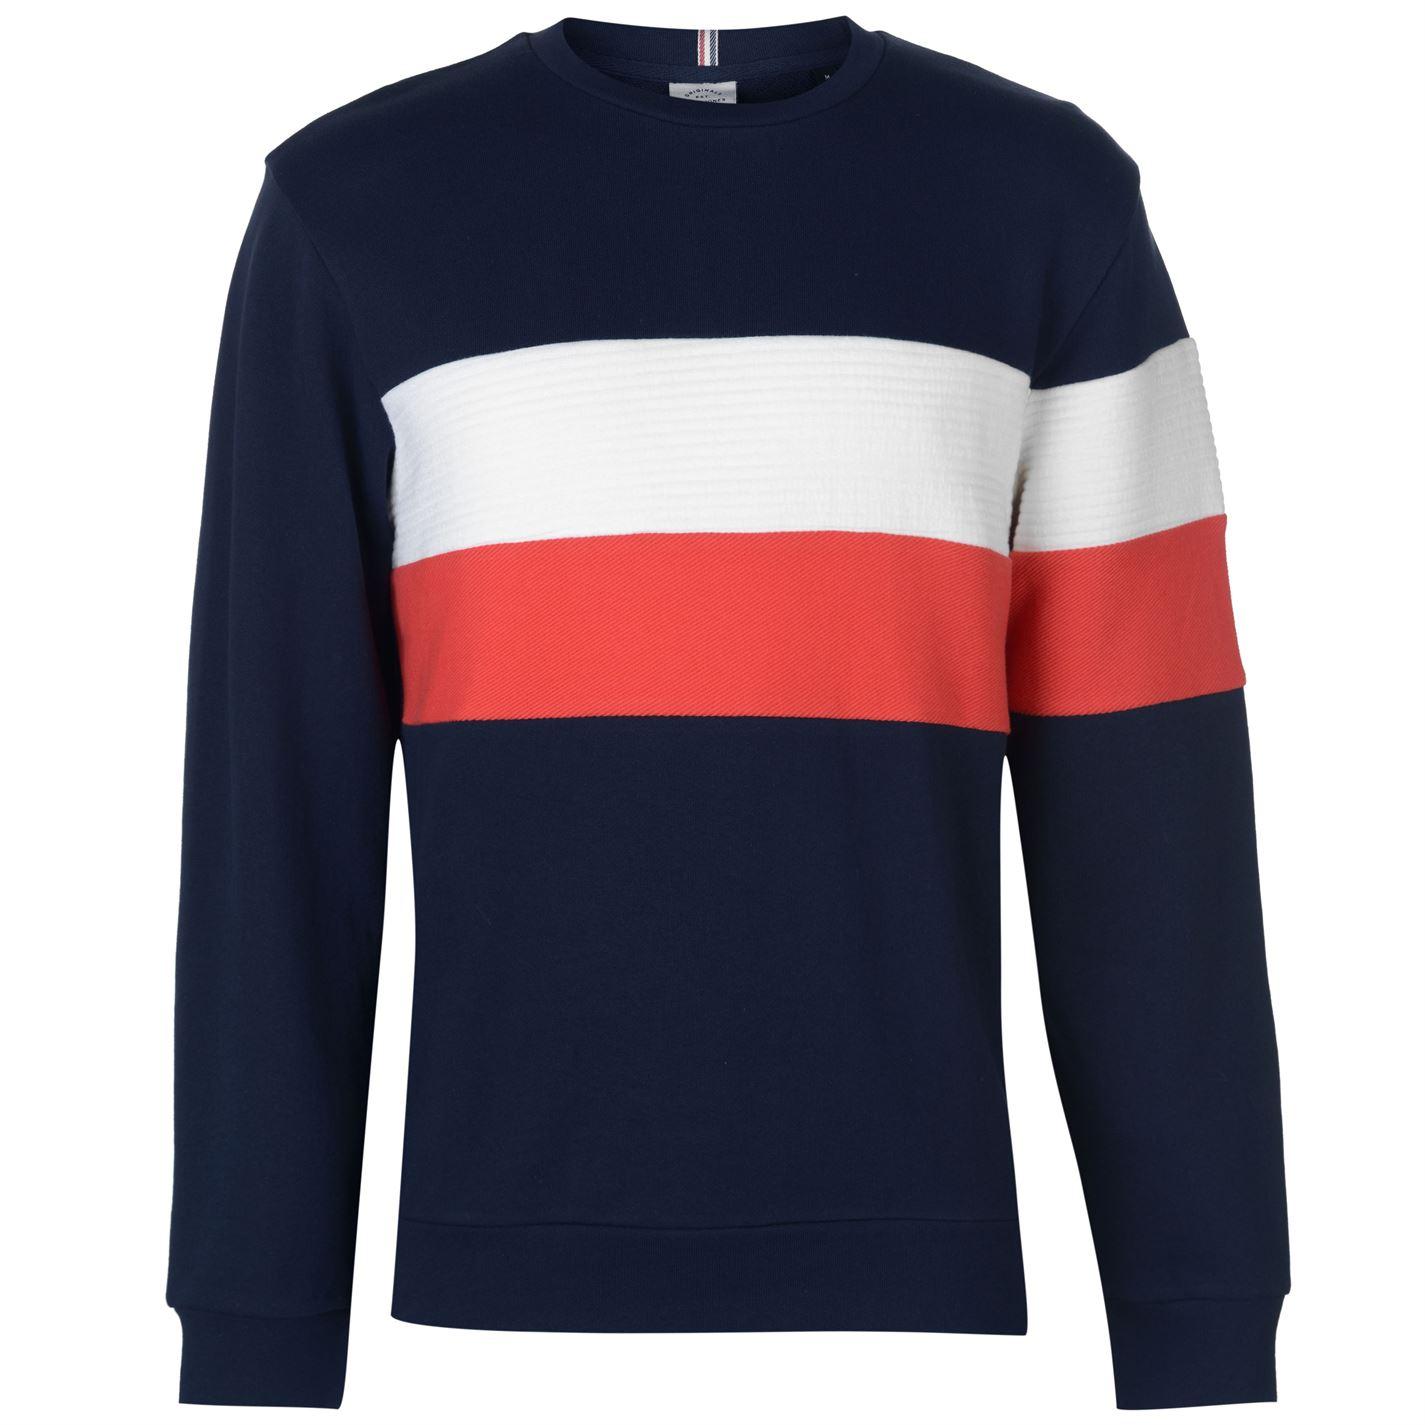 Jack and Jones Originals Blocko Sweatshirt